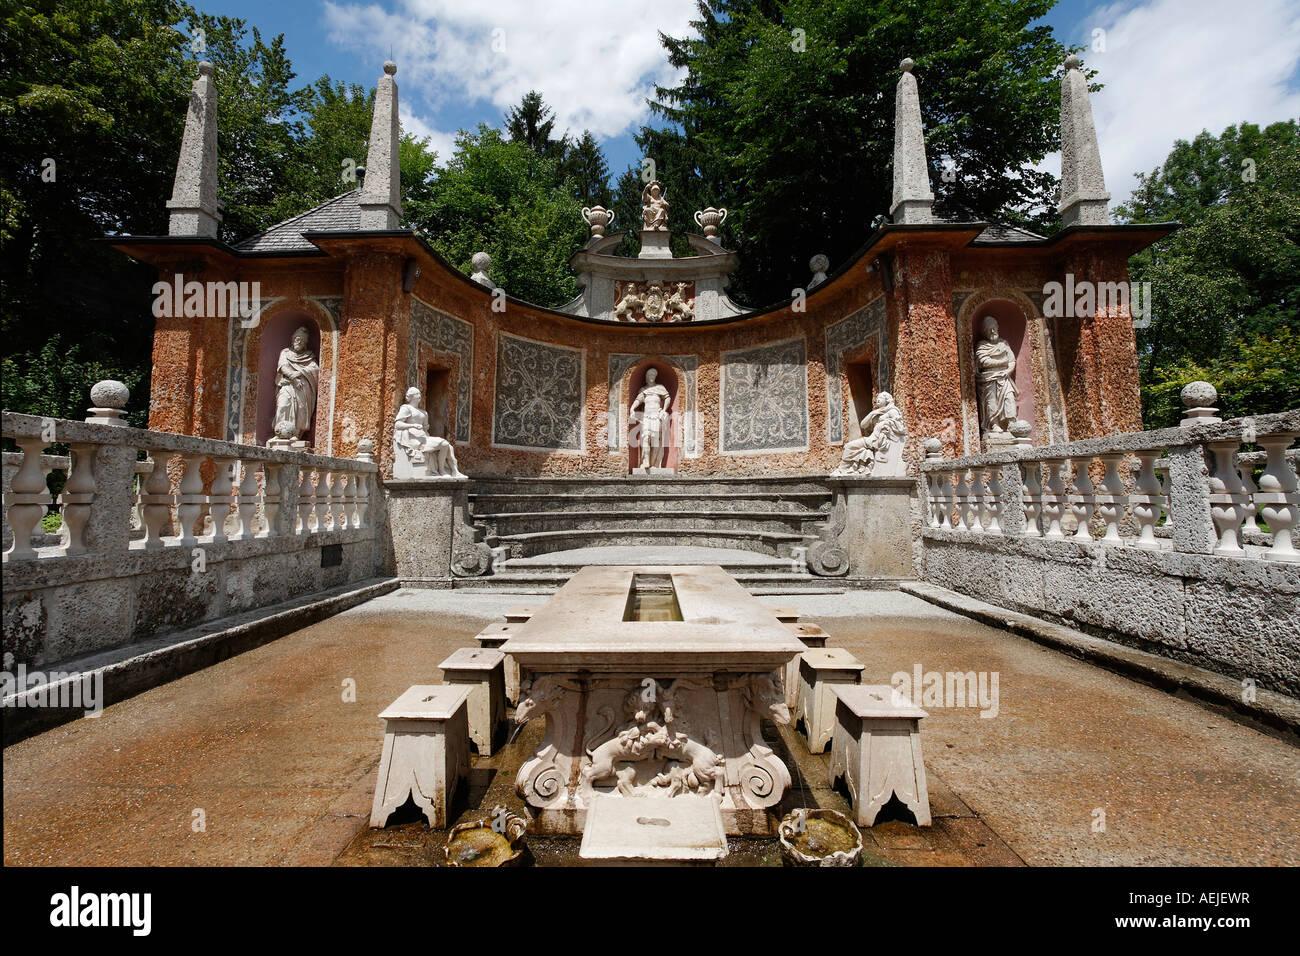 Fuentes de trucos, mesa del príncipe, Teatro Romano, Hellbrunn, Salzburgo, Austria Foto de stock